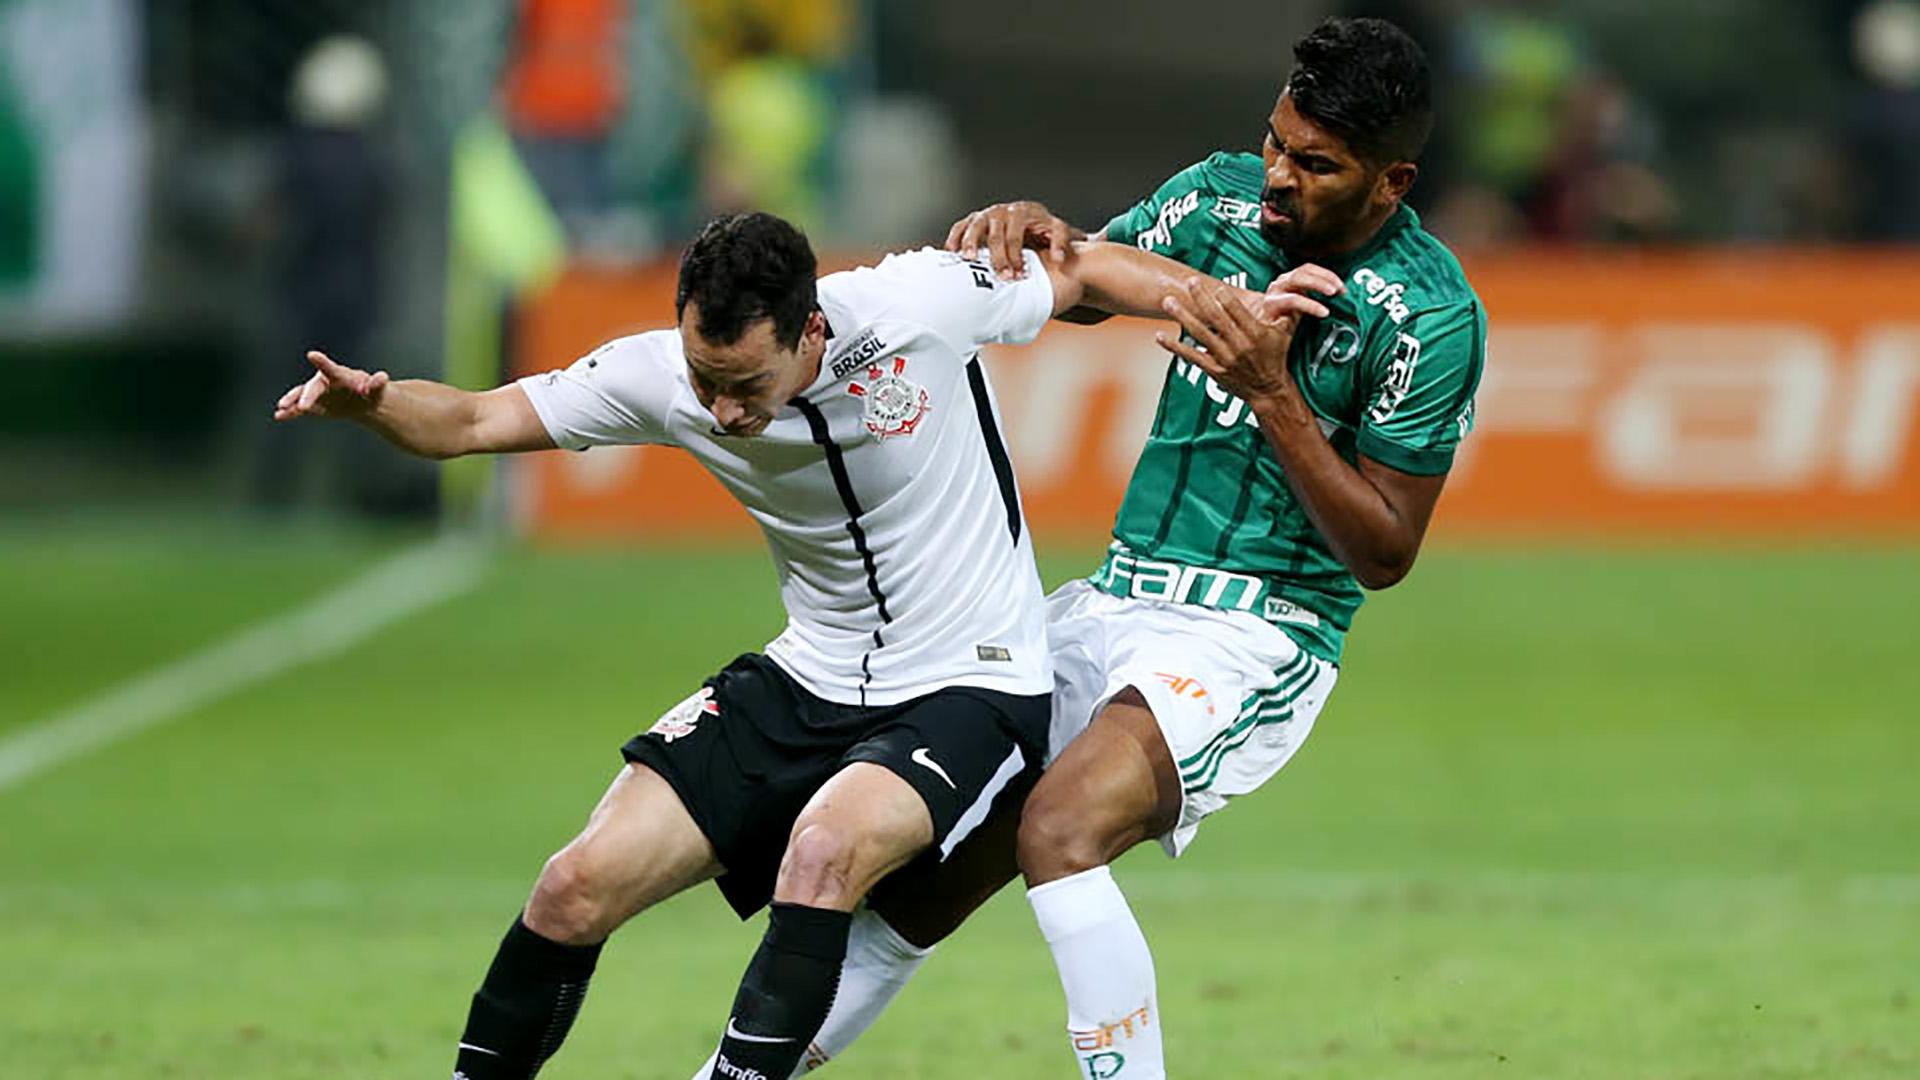 Corinthians x Palmeiras  quem mais venceu o clássico  575a5ceb5791a